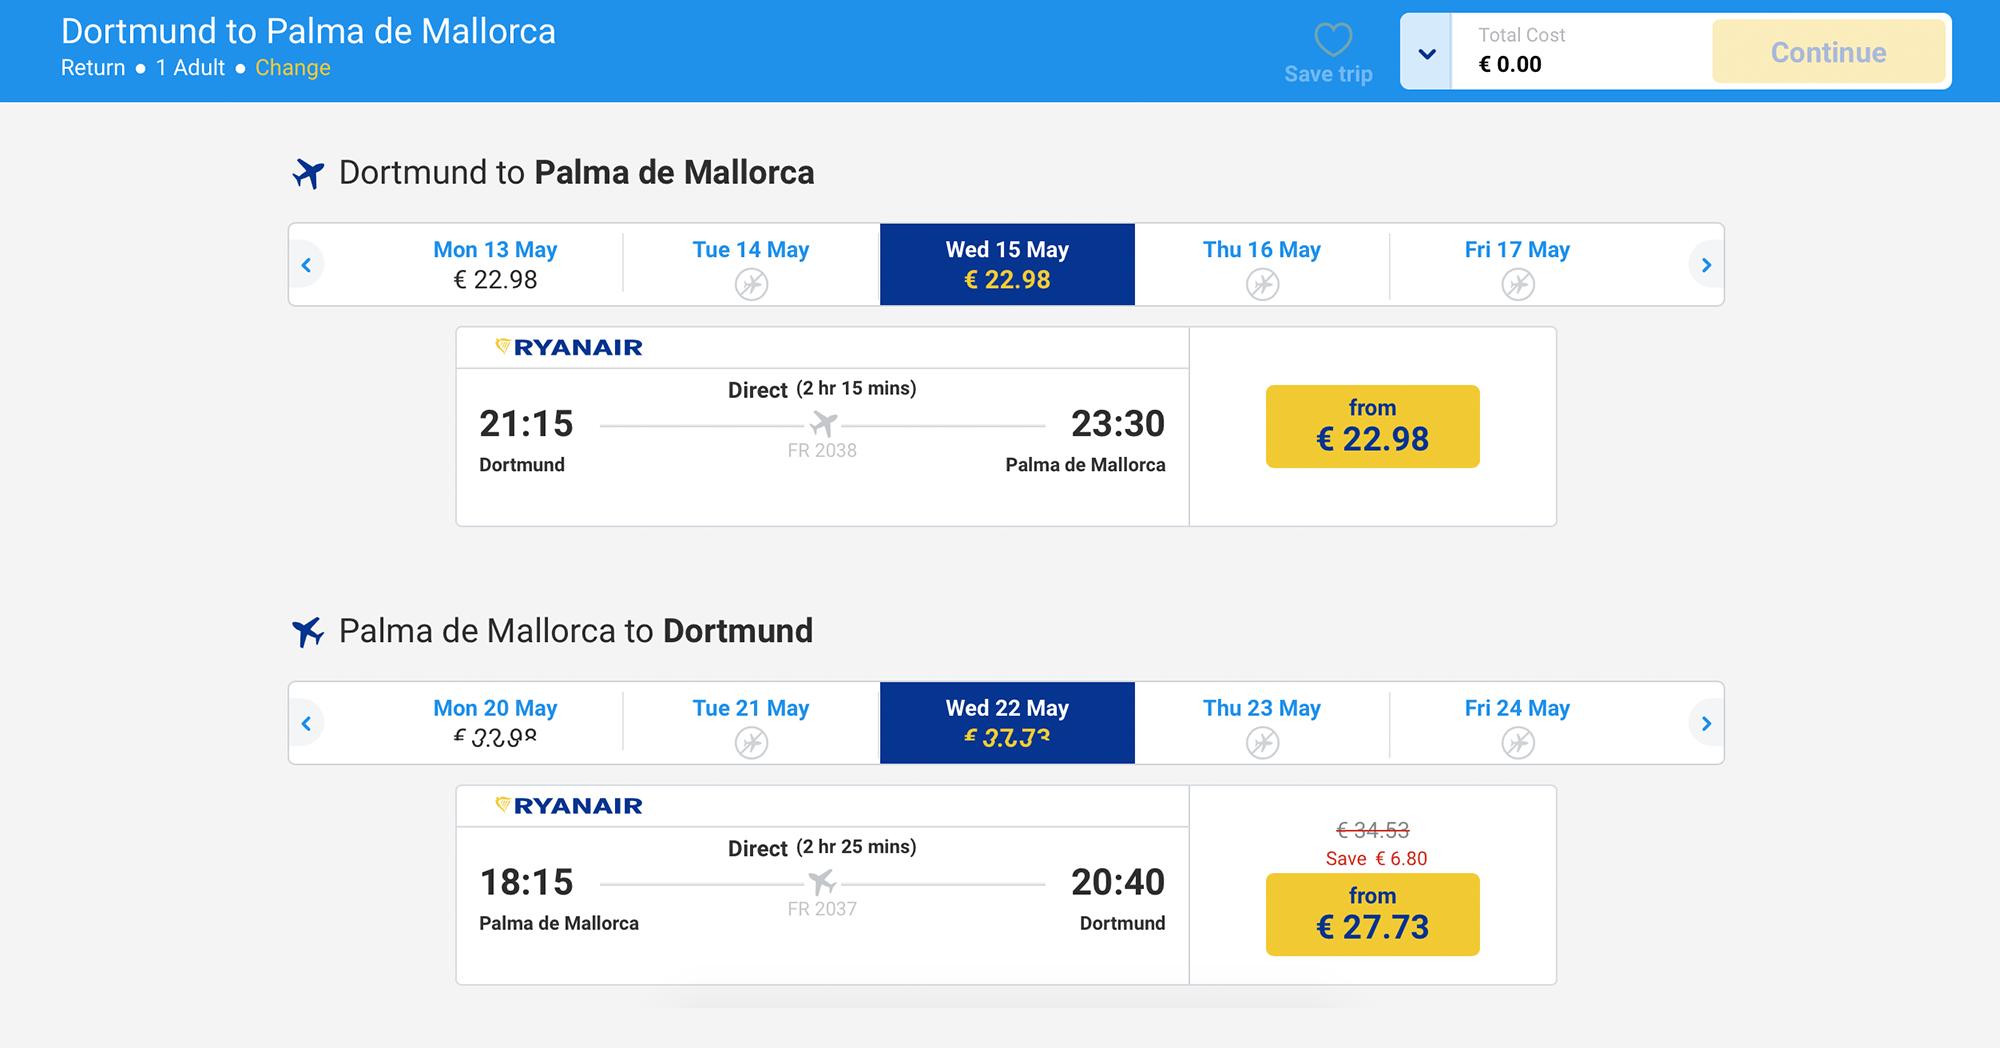 Типичные цены на лоукостер «Райнэйр» — 50€ из Дортмунда в Испанию и обратно